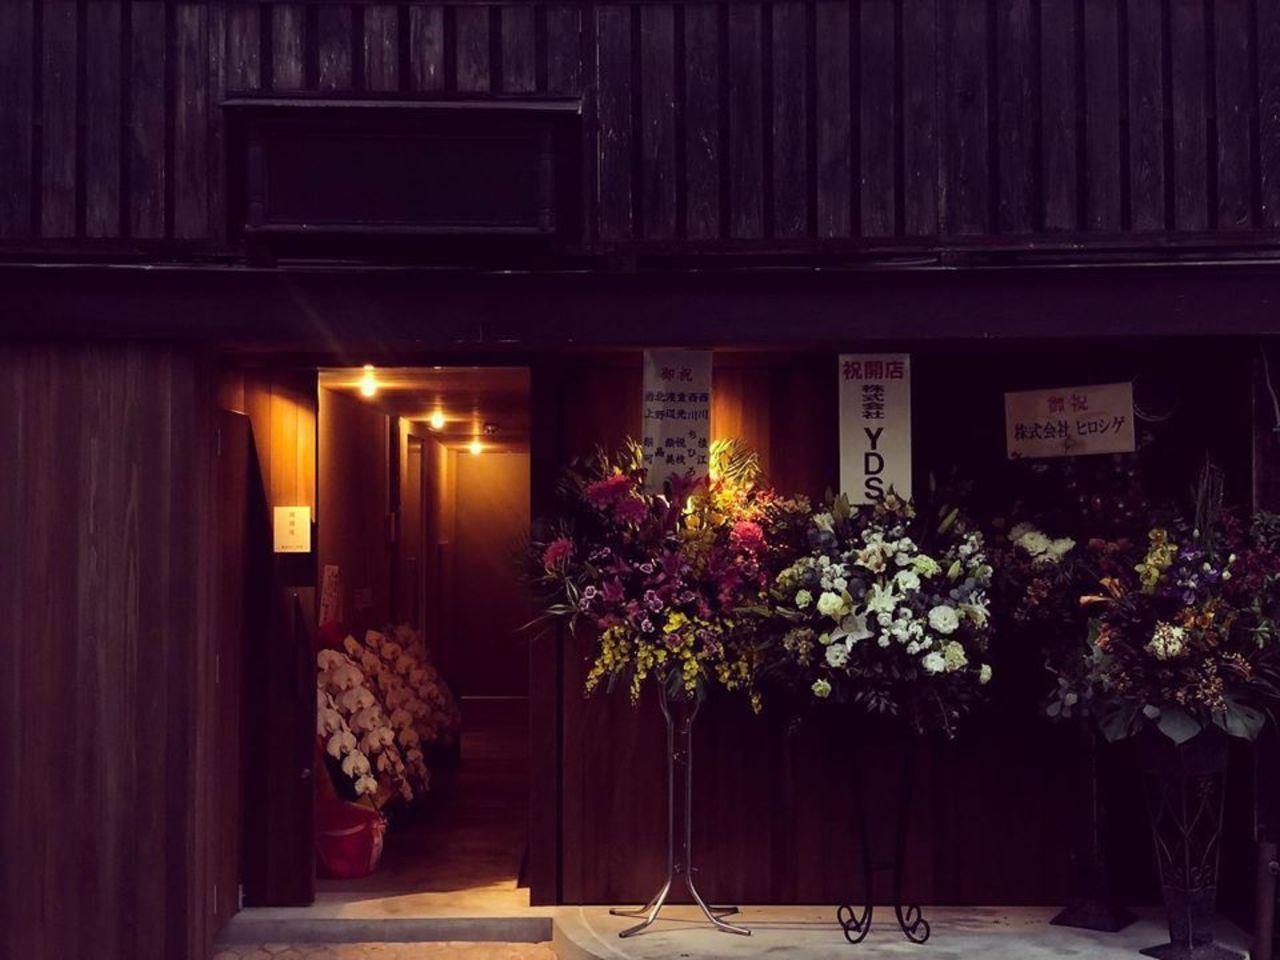 熊本市中央区南坪井町に「瑠璃庵」「夜香木」が1/22同時にグランドオープンされたようです。